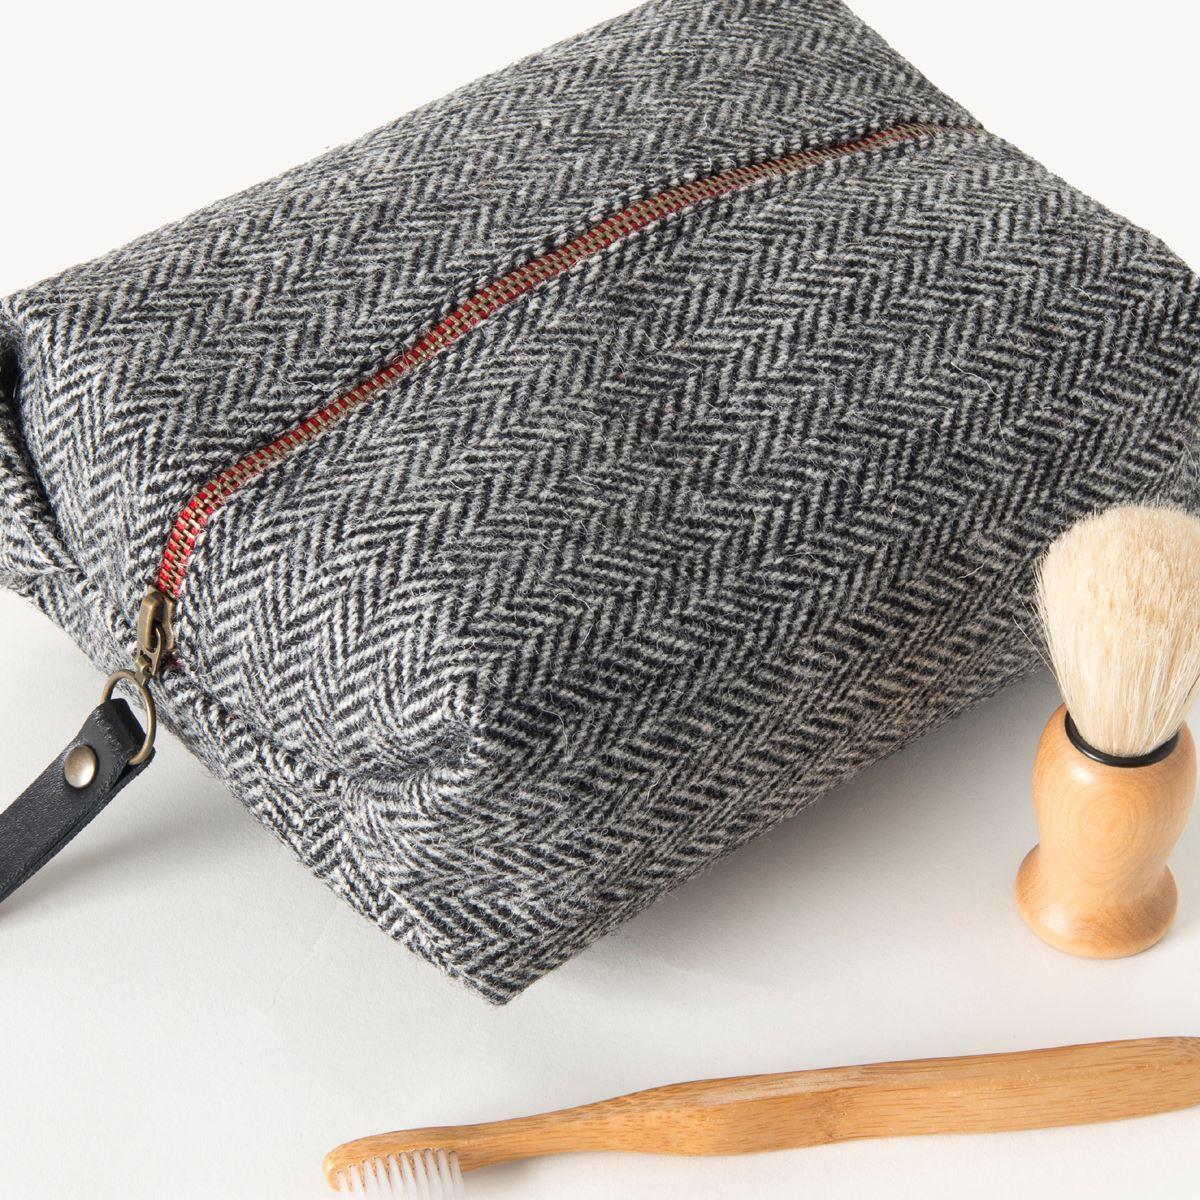 Upcycled Fashion: Catherine Aitken Bags